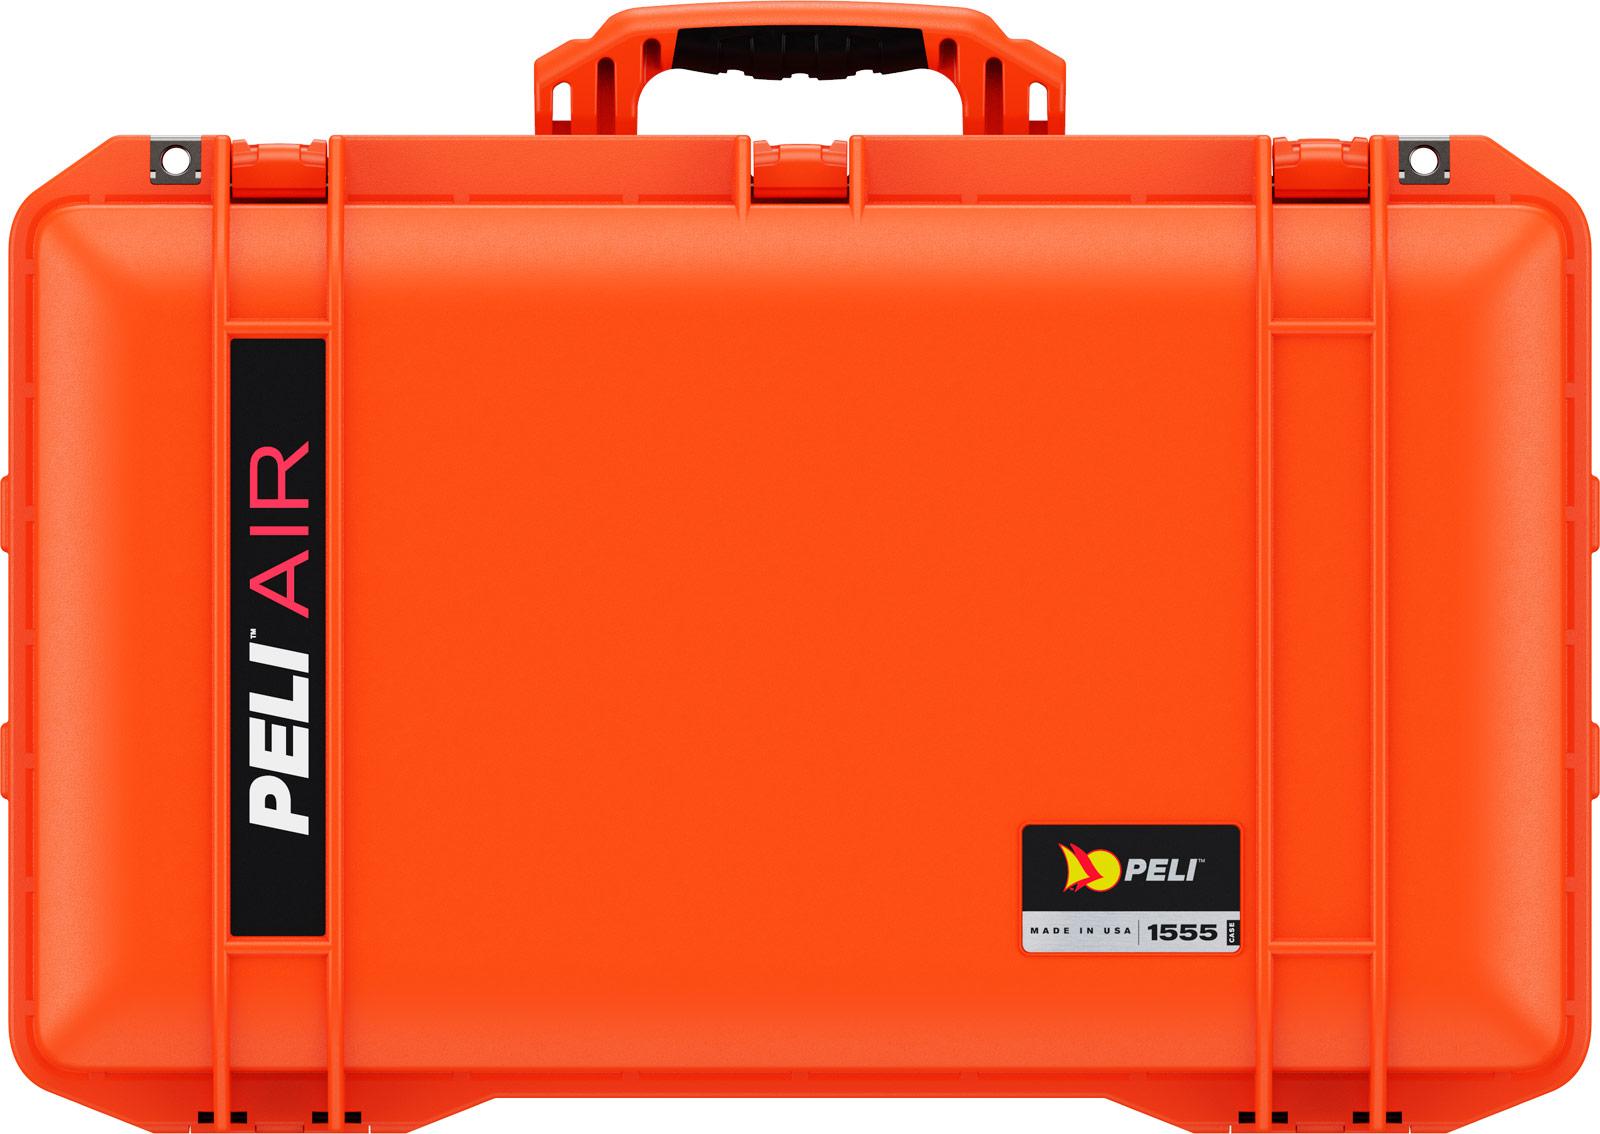 peli 1555 orange air case hard cases